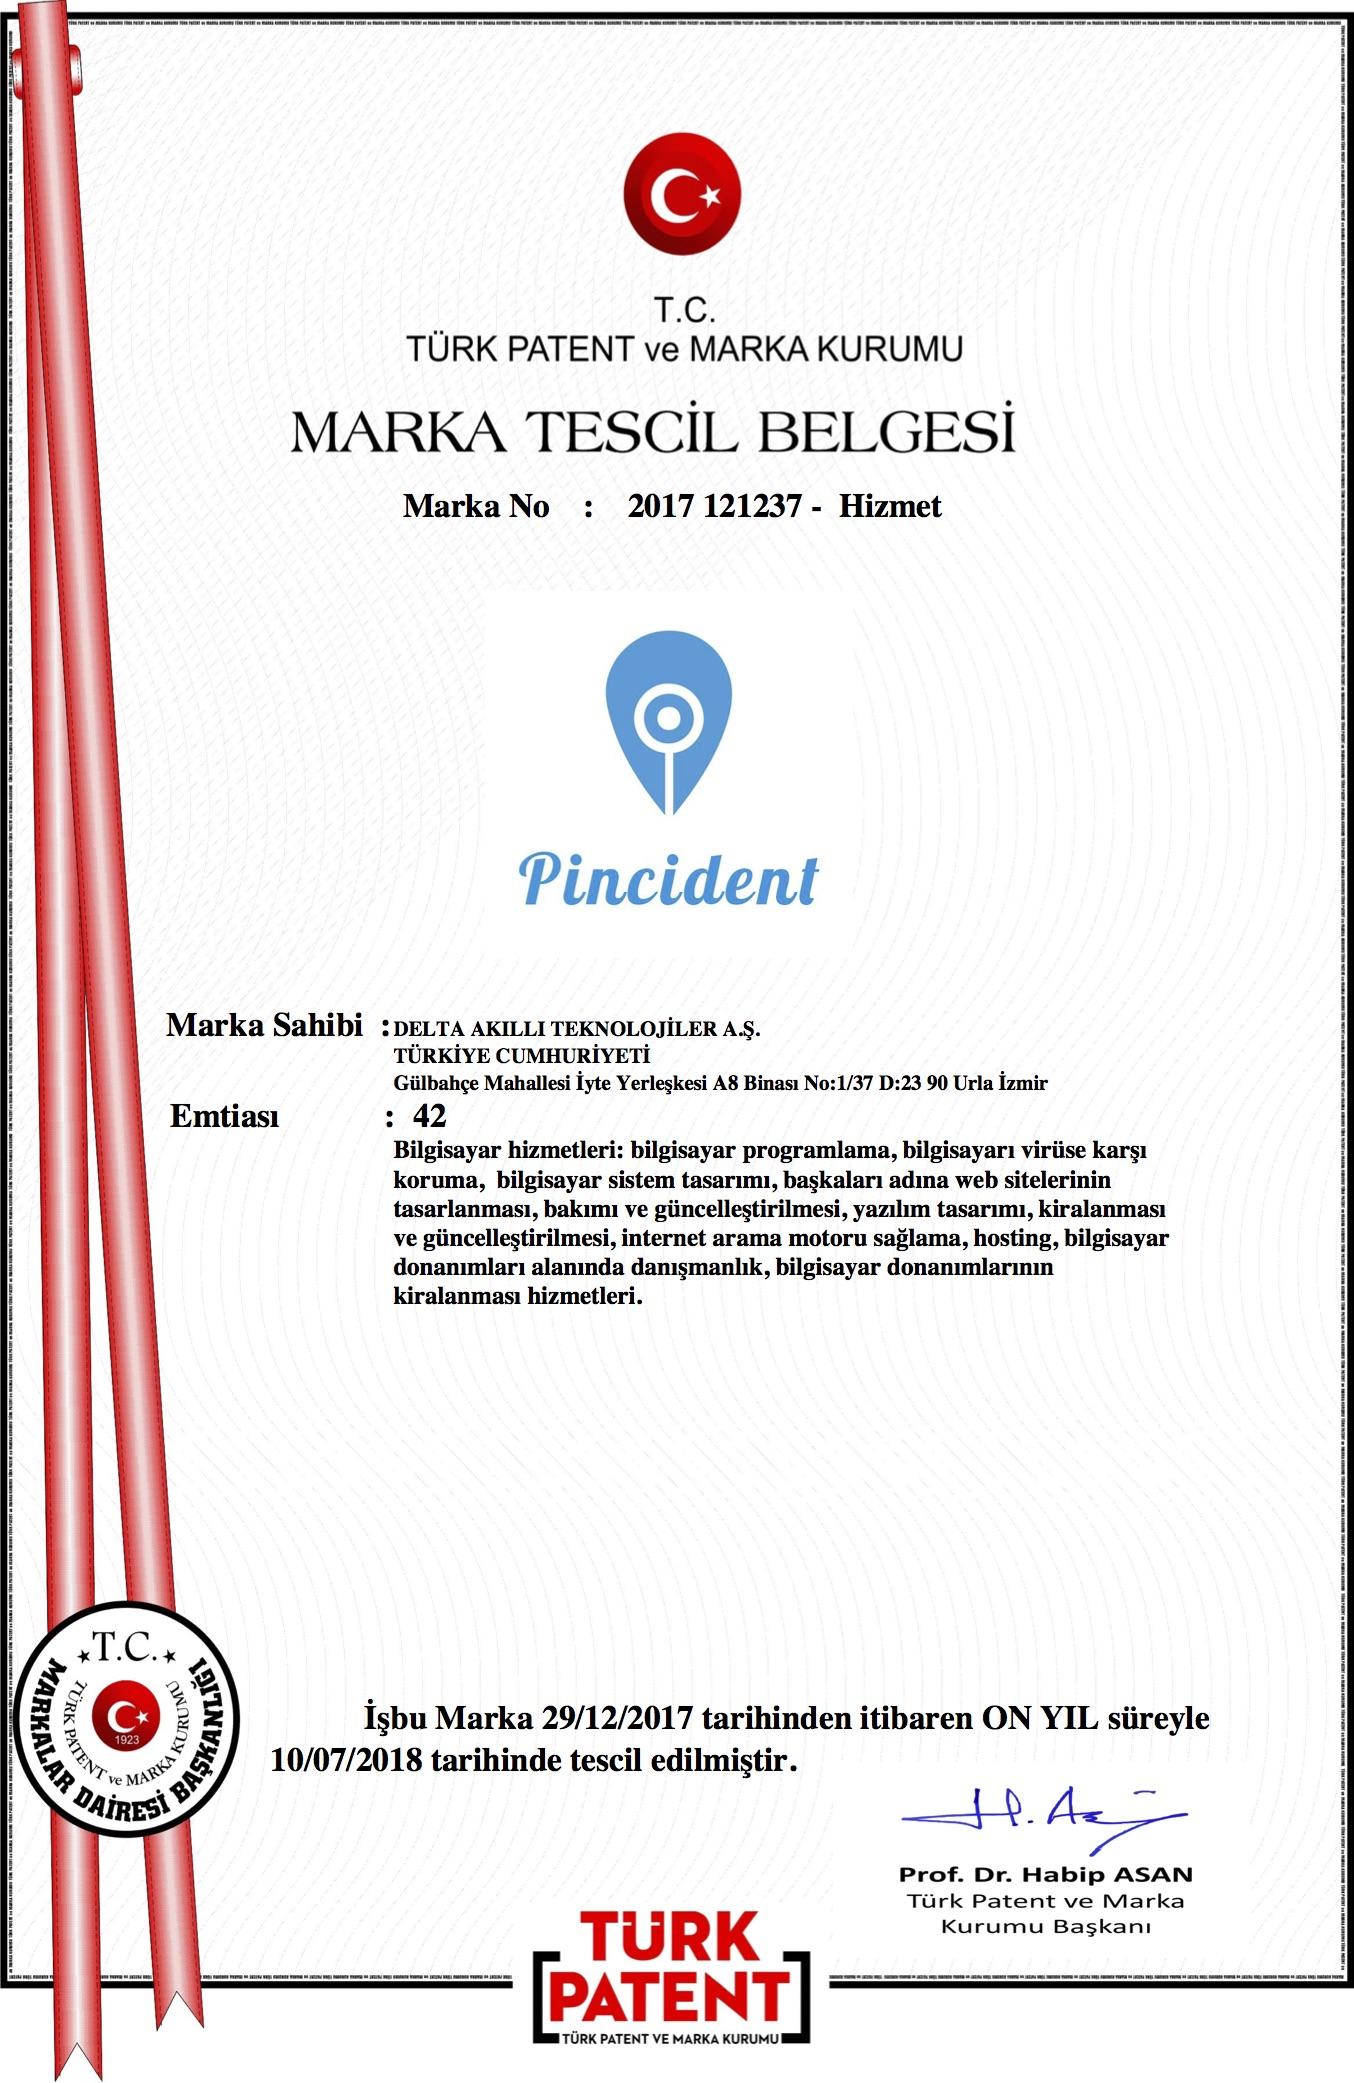 Marka-Tescil-Belgesi-Pincident.